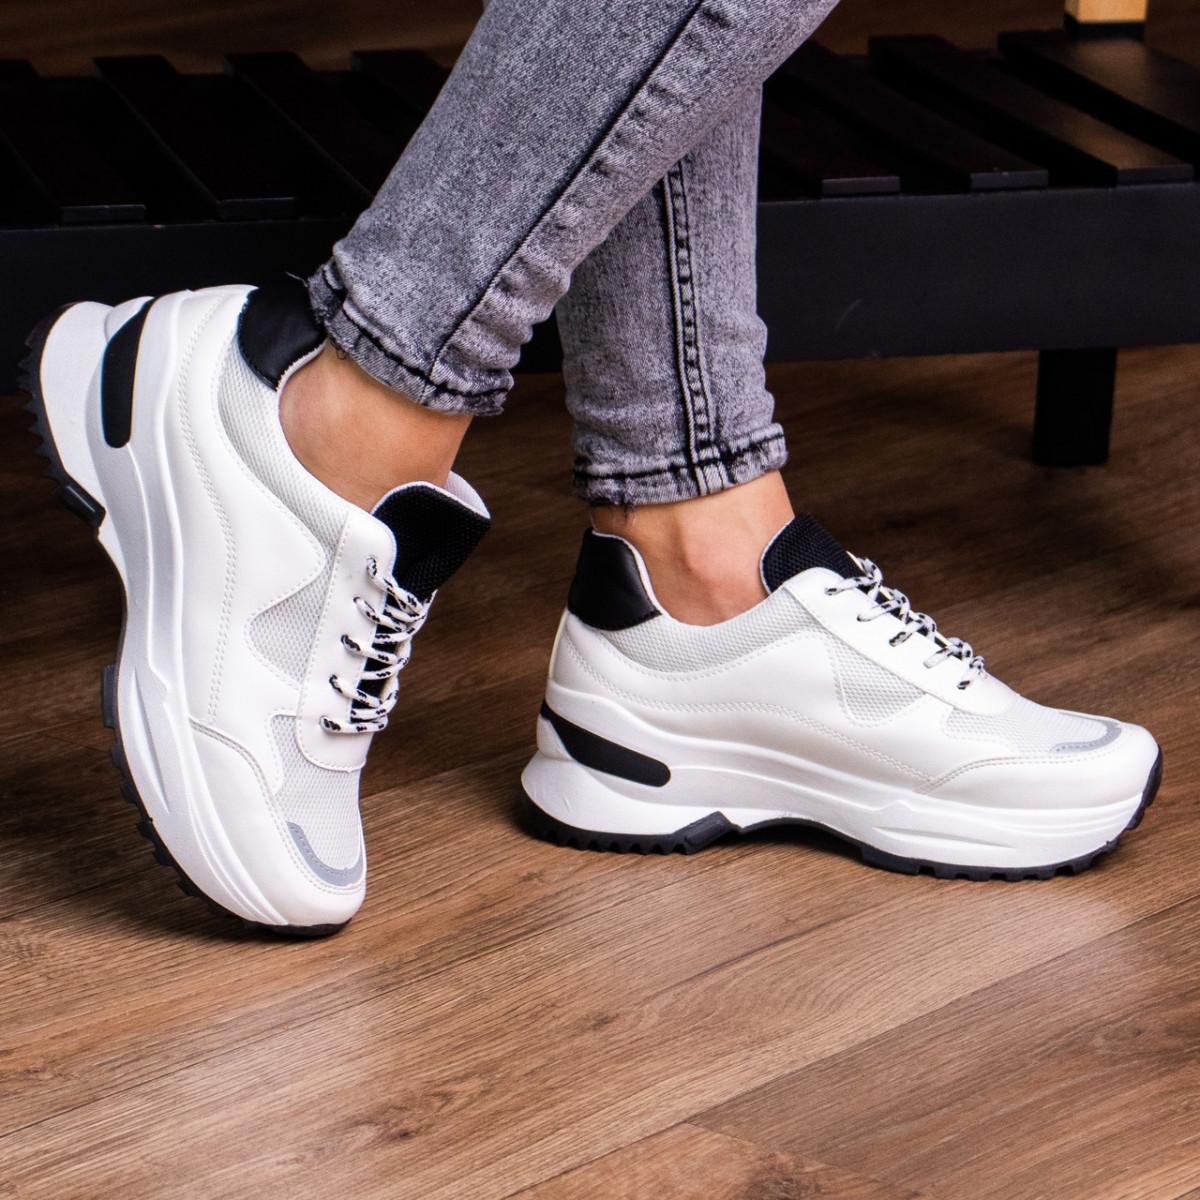 Женские кроссовки Fashion Kuma 1665 36 размер 23 см Белый